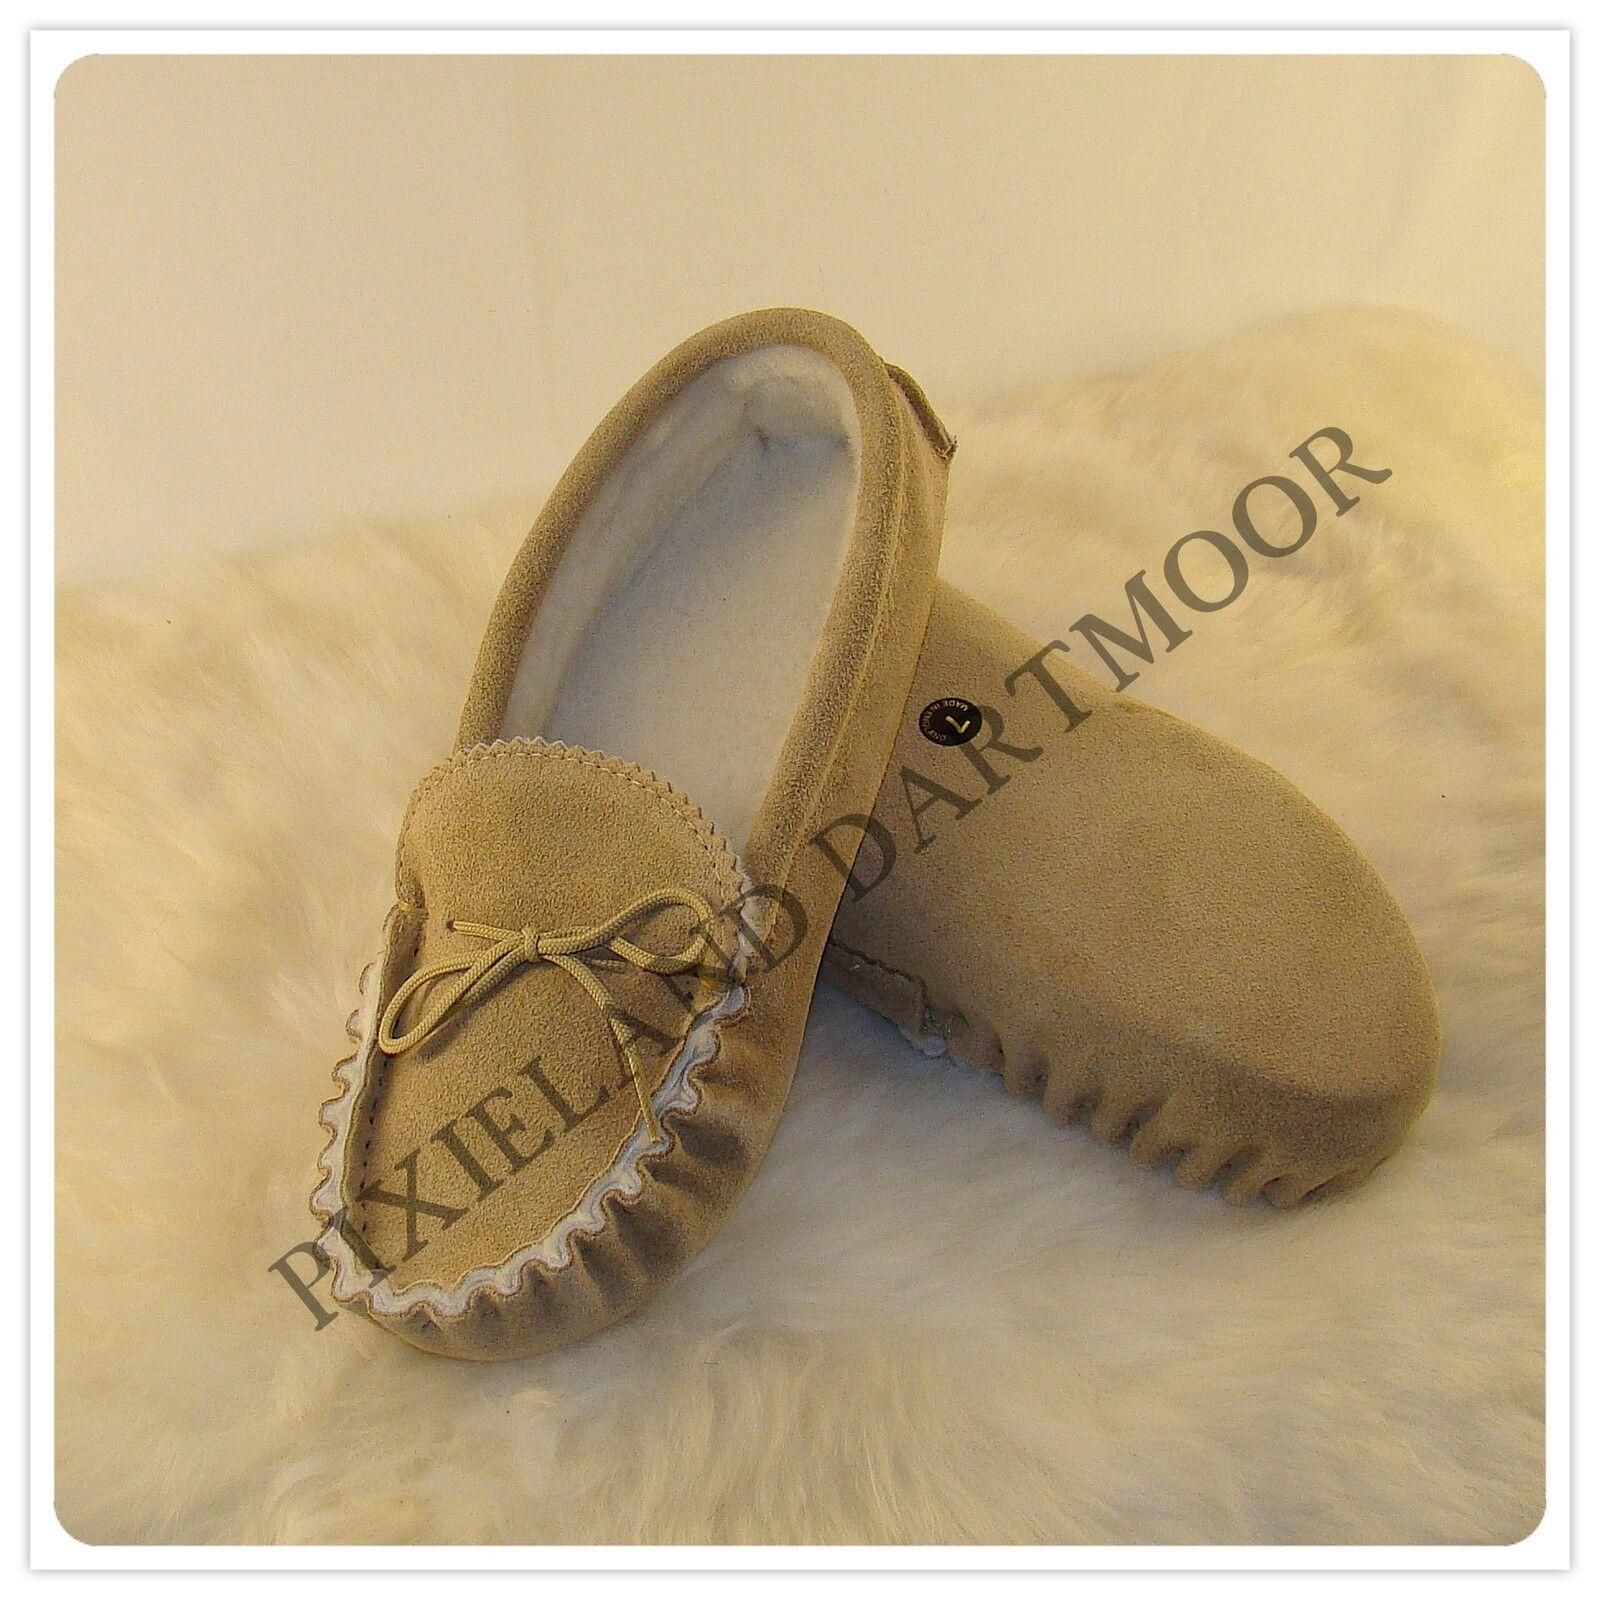 Luxury completo de piel de oveja Mocasines con suela de gamuza-hecho a mano en el Reino Unido